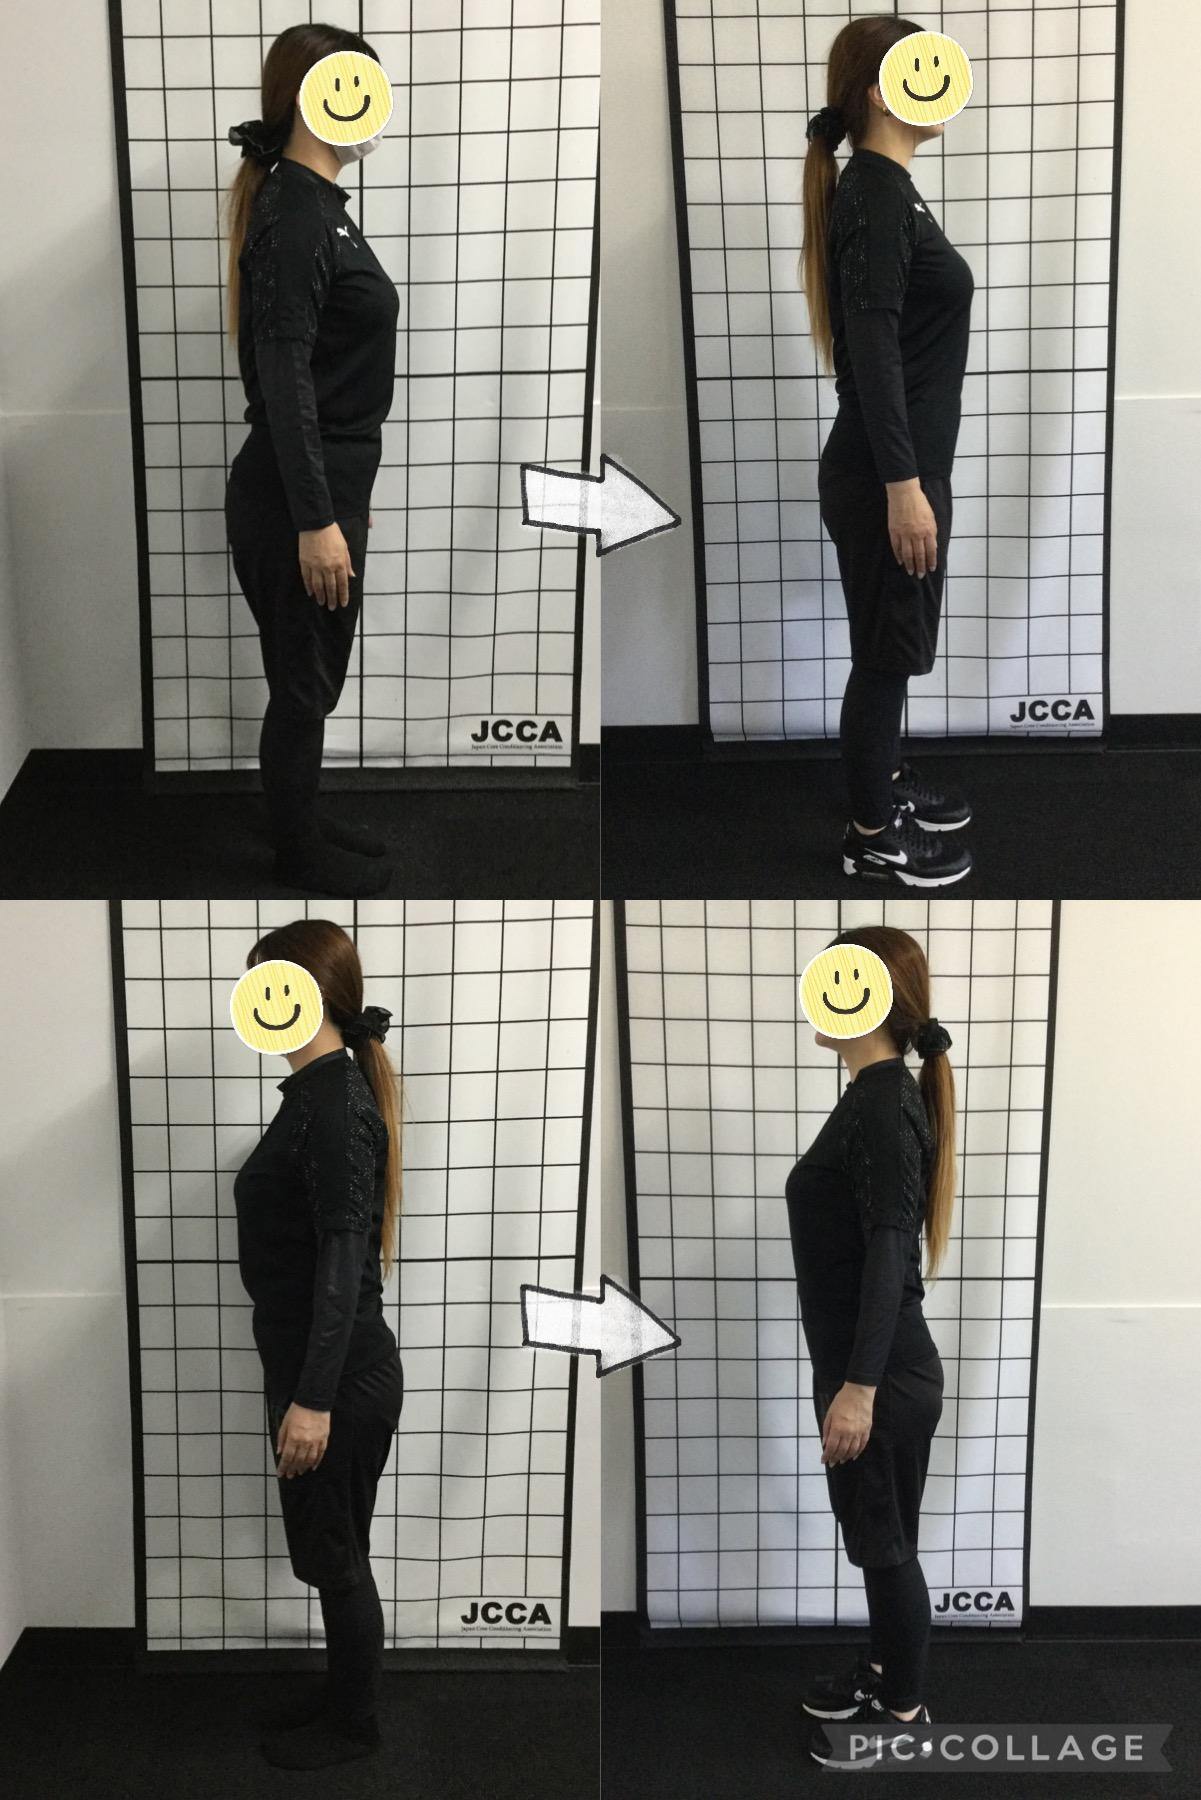 40代女性N様「首やウェストの違いと、姿勢の違いが分かります」